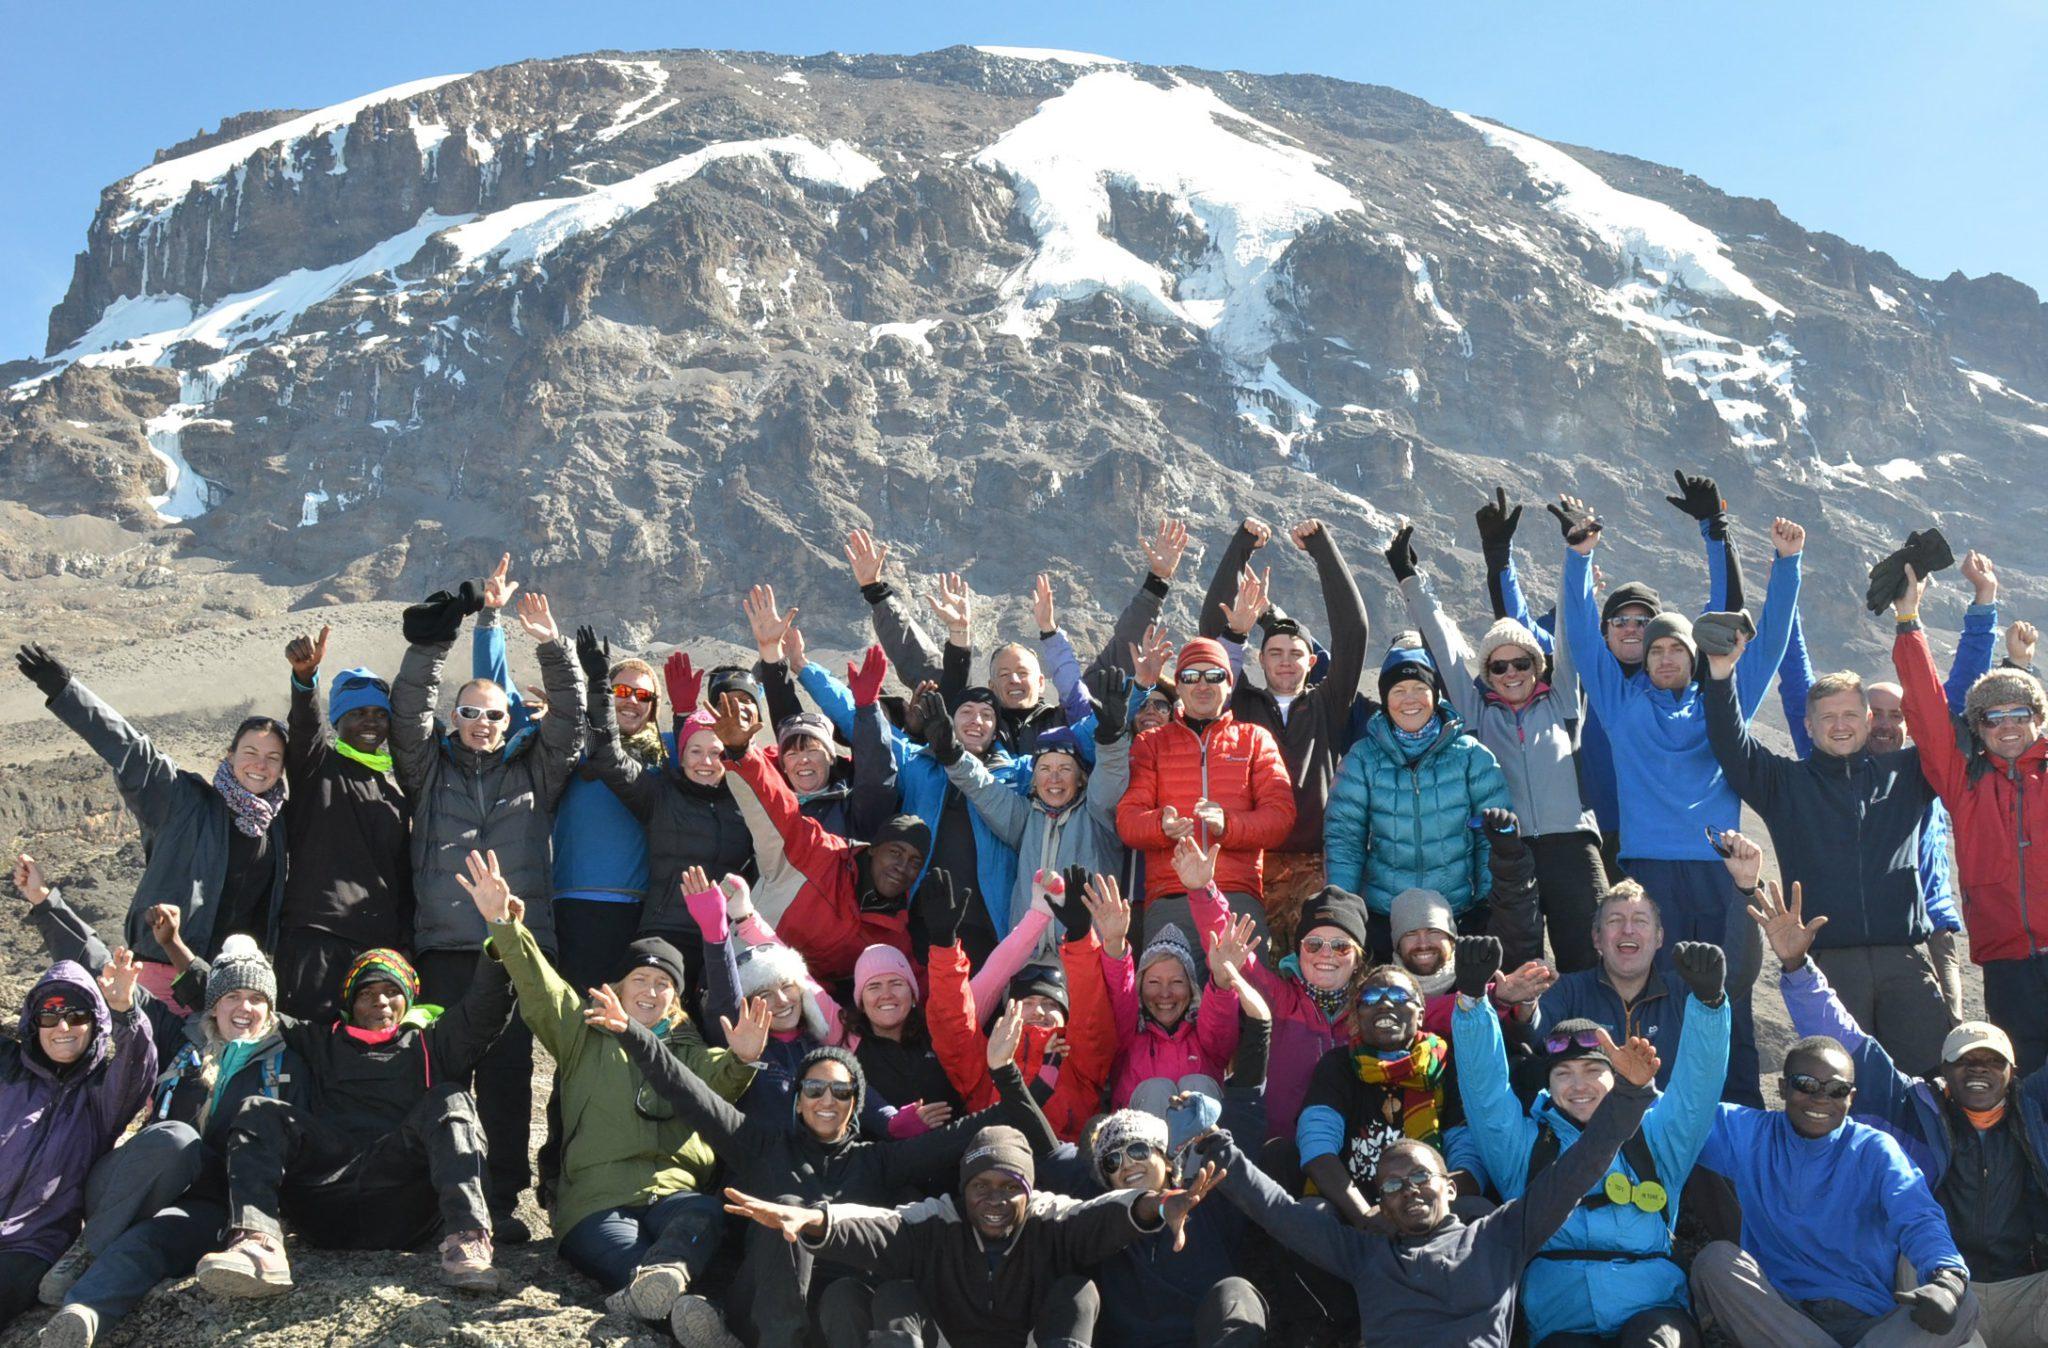 Kilimanjaro Trek Marangu Route: Trekking in Tanzania